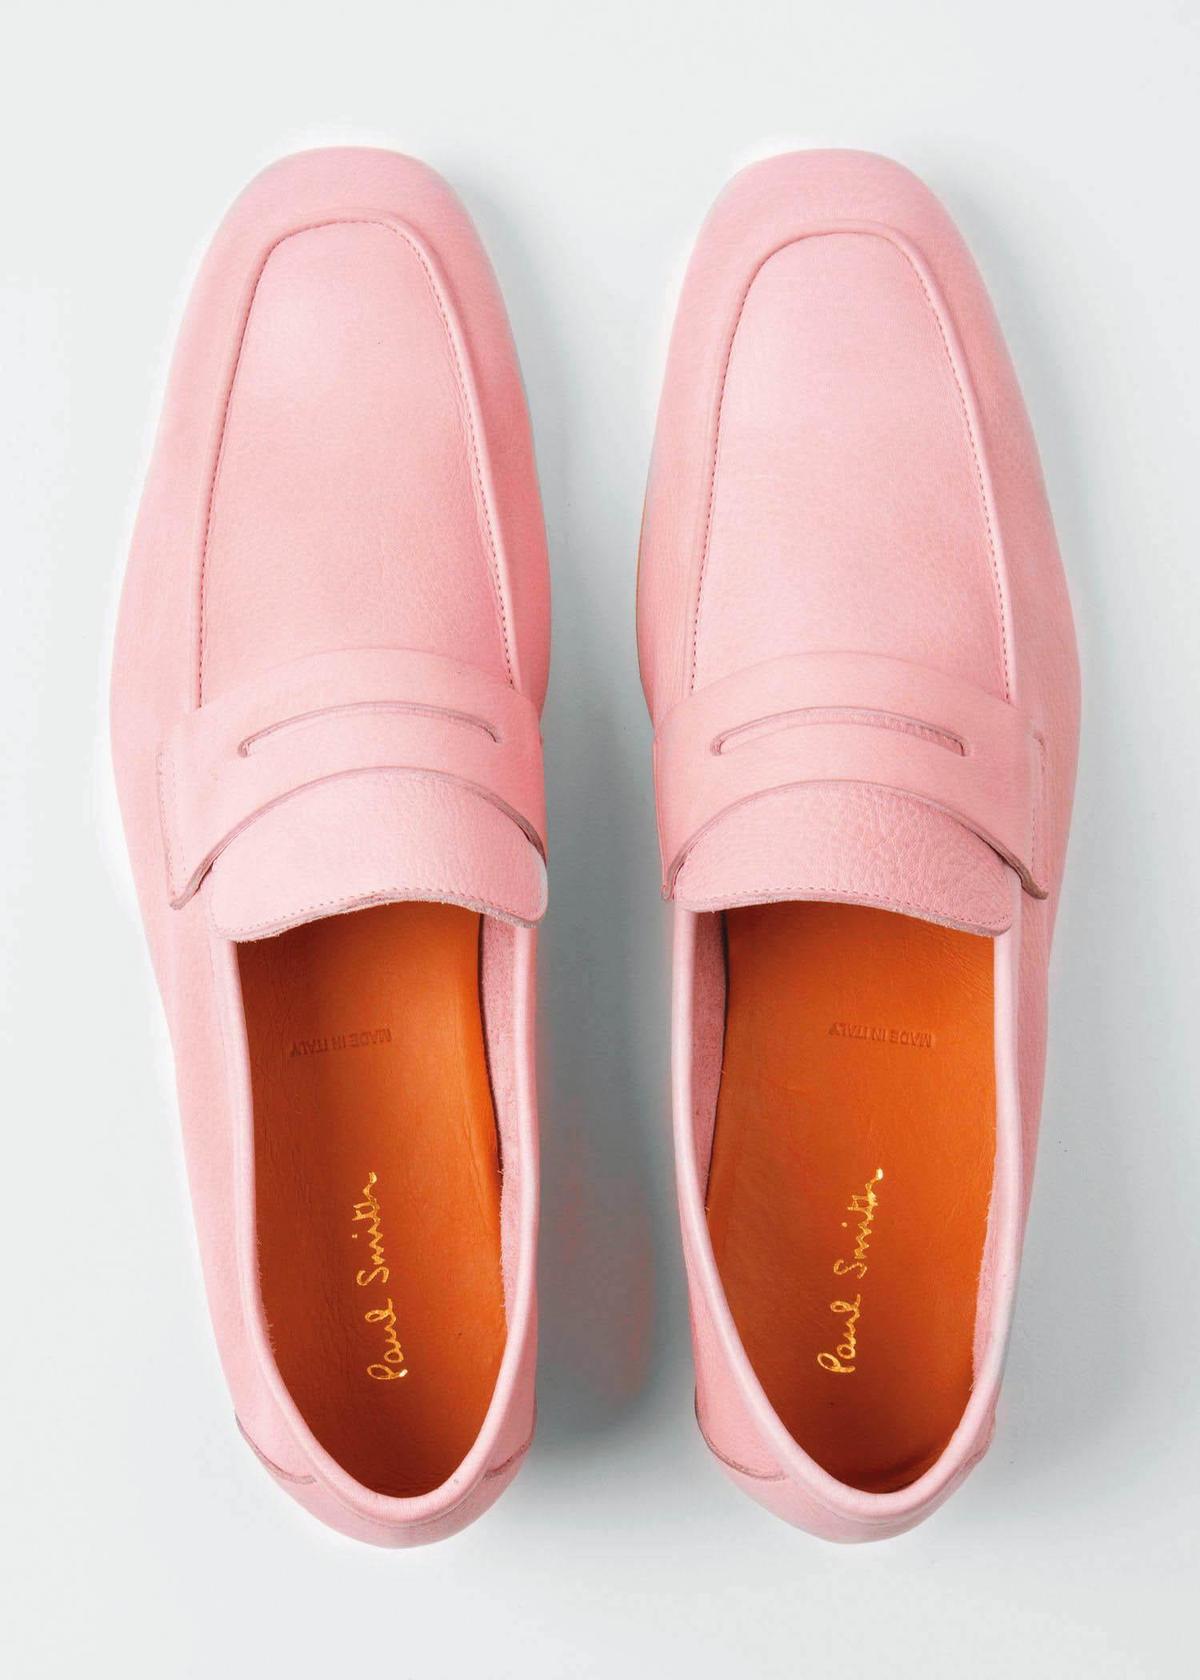 粉色樂福皮鞋 NT$21,500。(藍鐘提供)